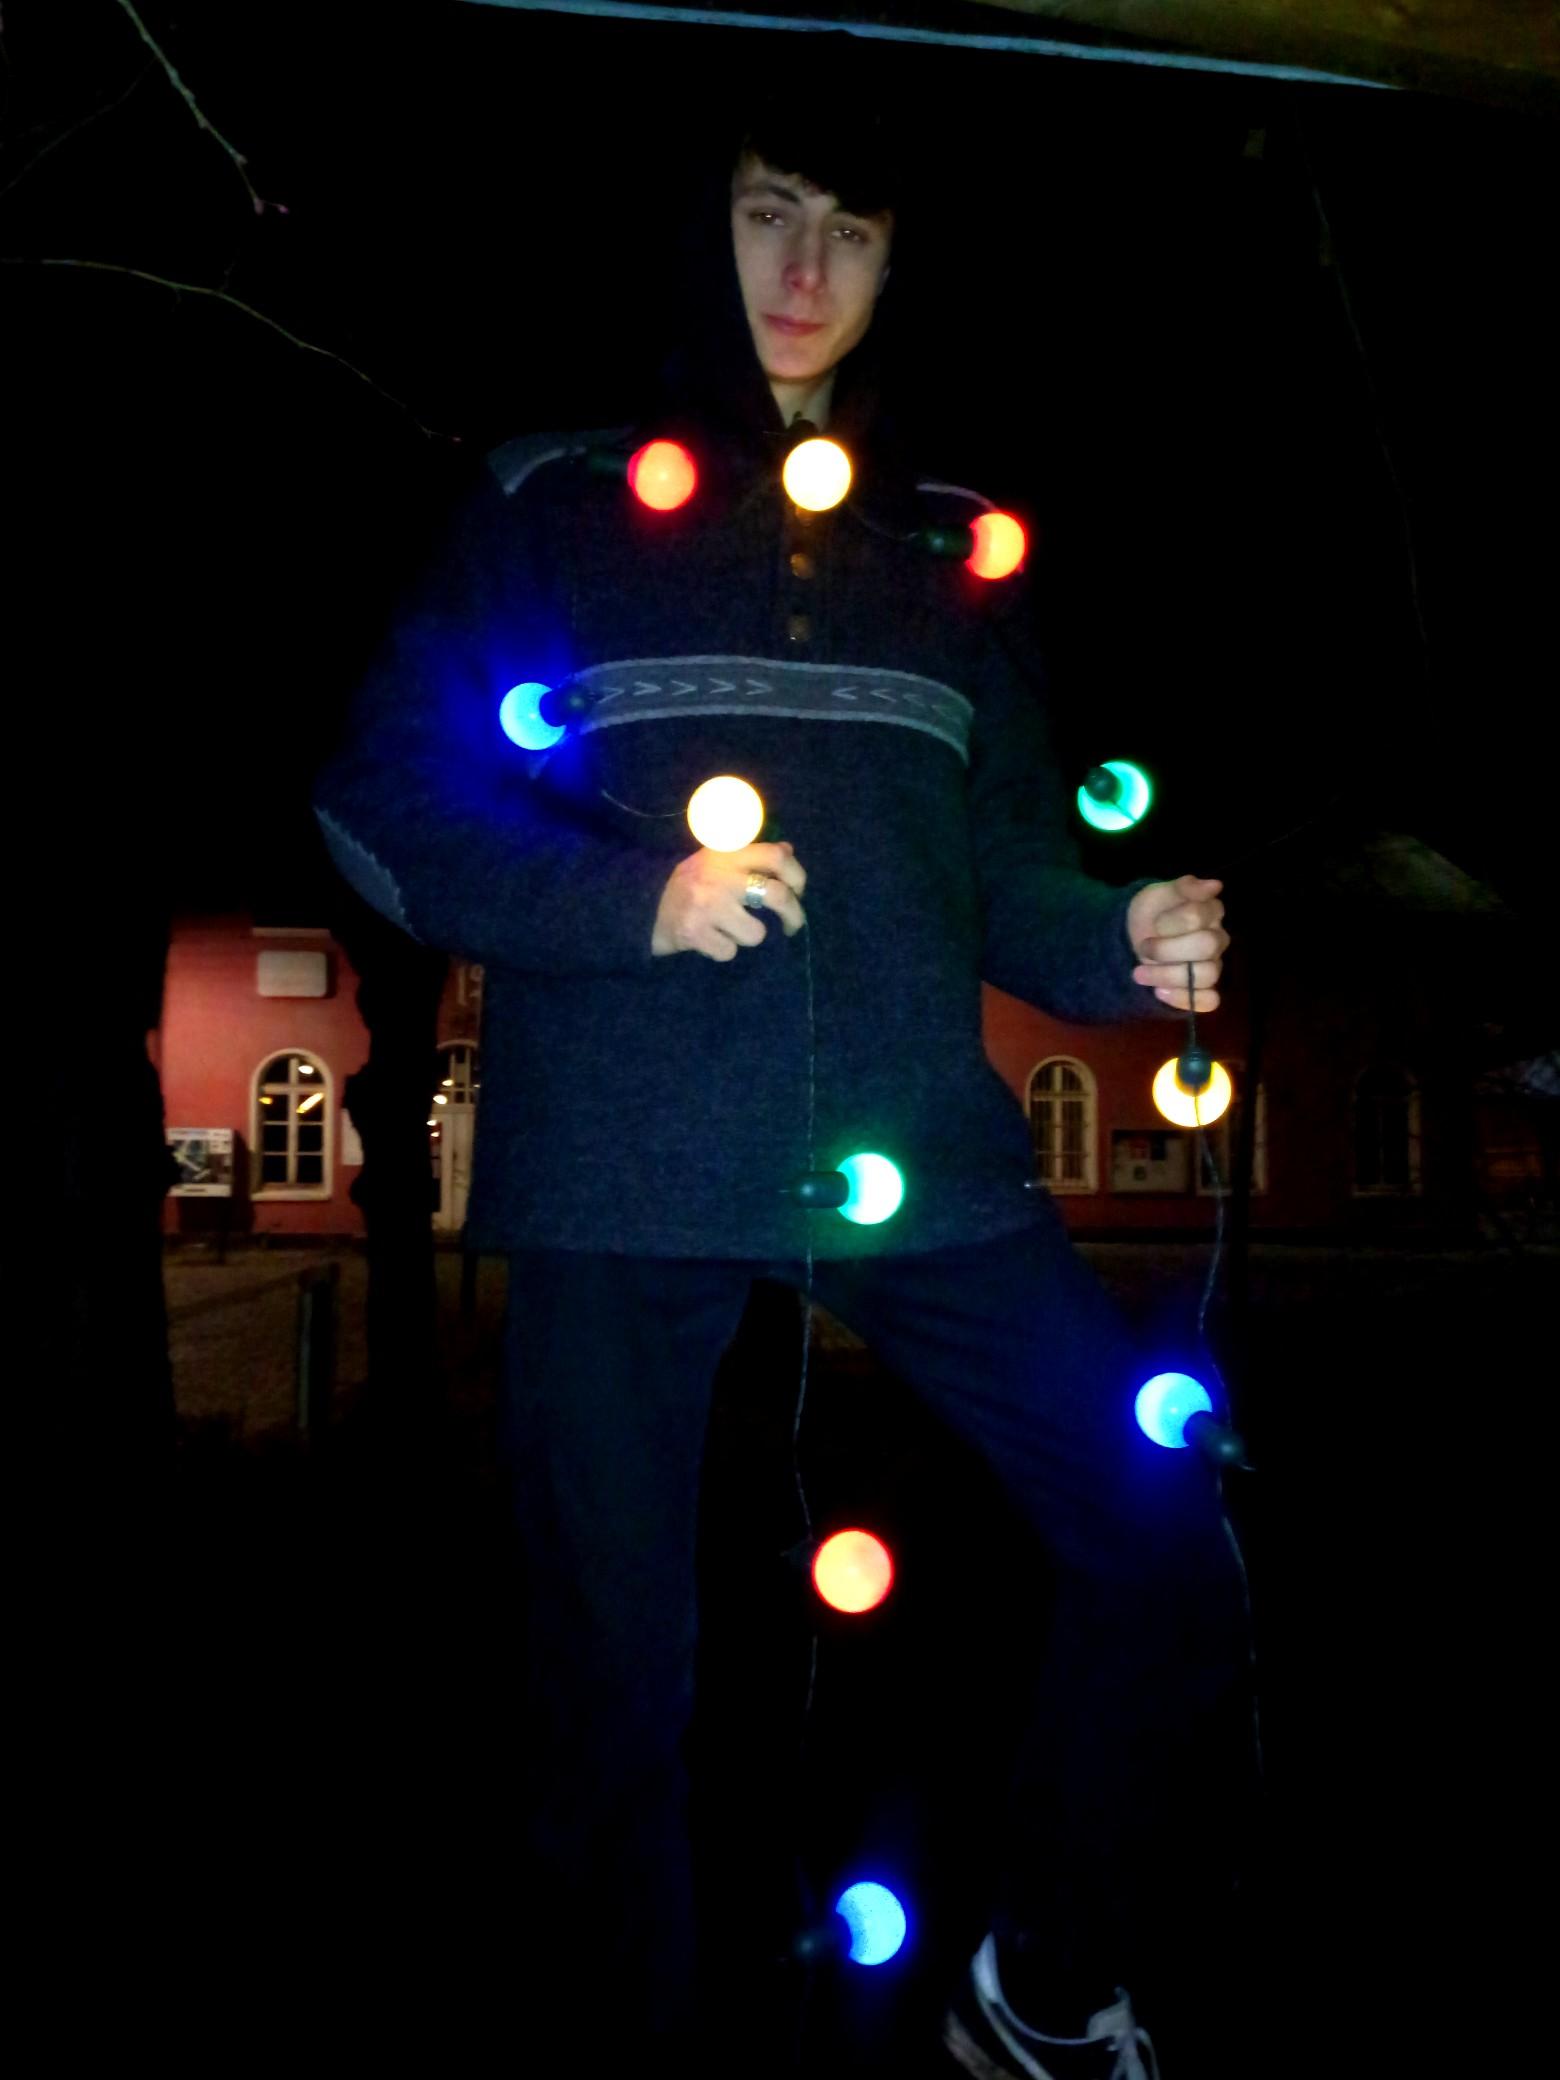 Sehr dekorativ - die Lichterkette brauchen wir aber leider fürs...